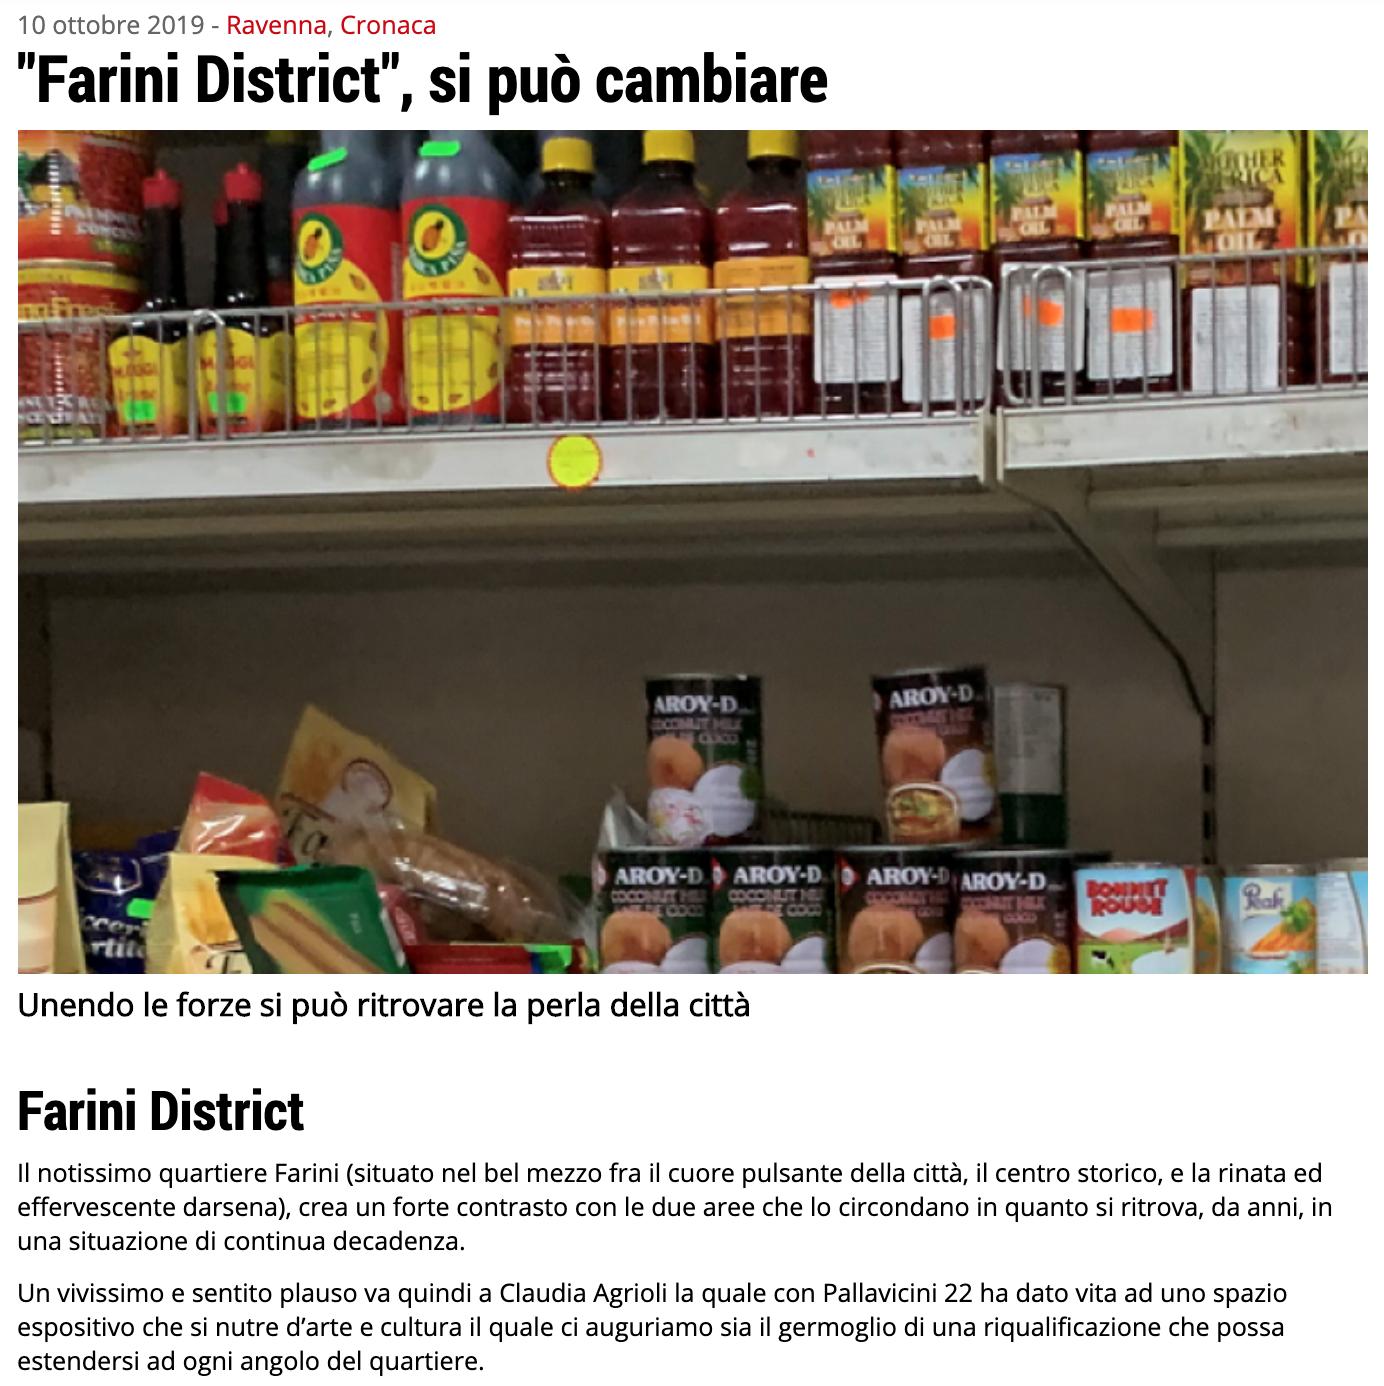 """""""Farini District"""", si può cambiare su Ravenna24Ore   Pallavicini22 spazio espositivo Ravenna"""